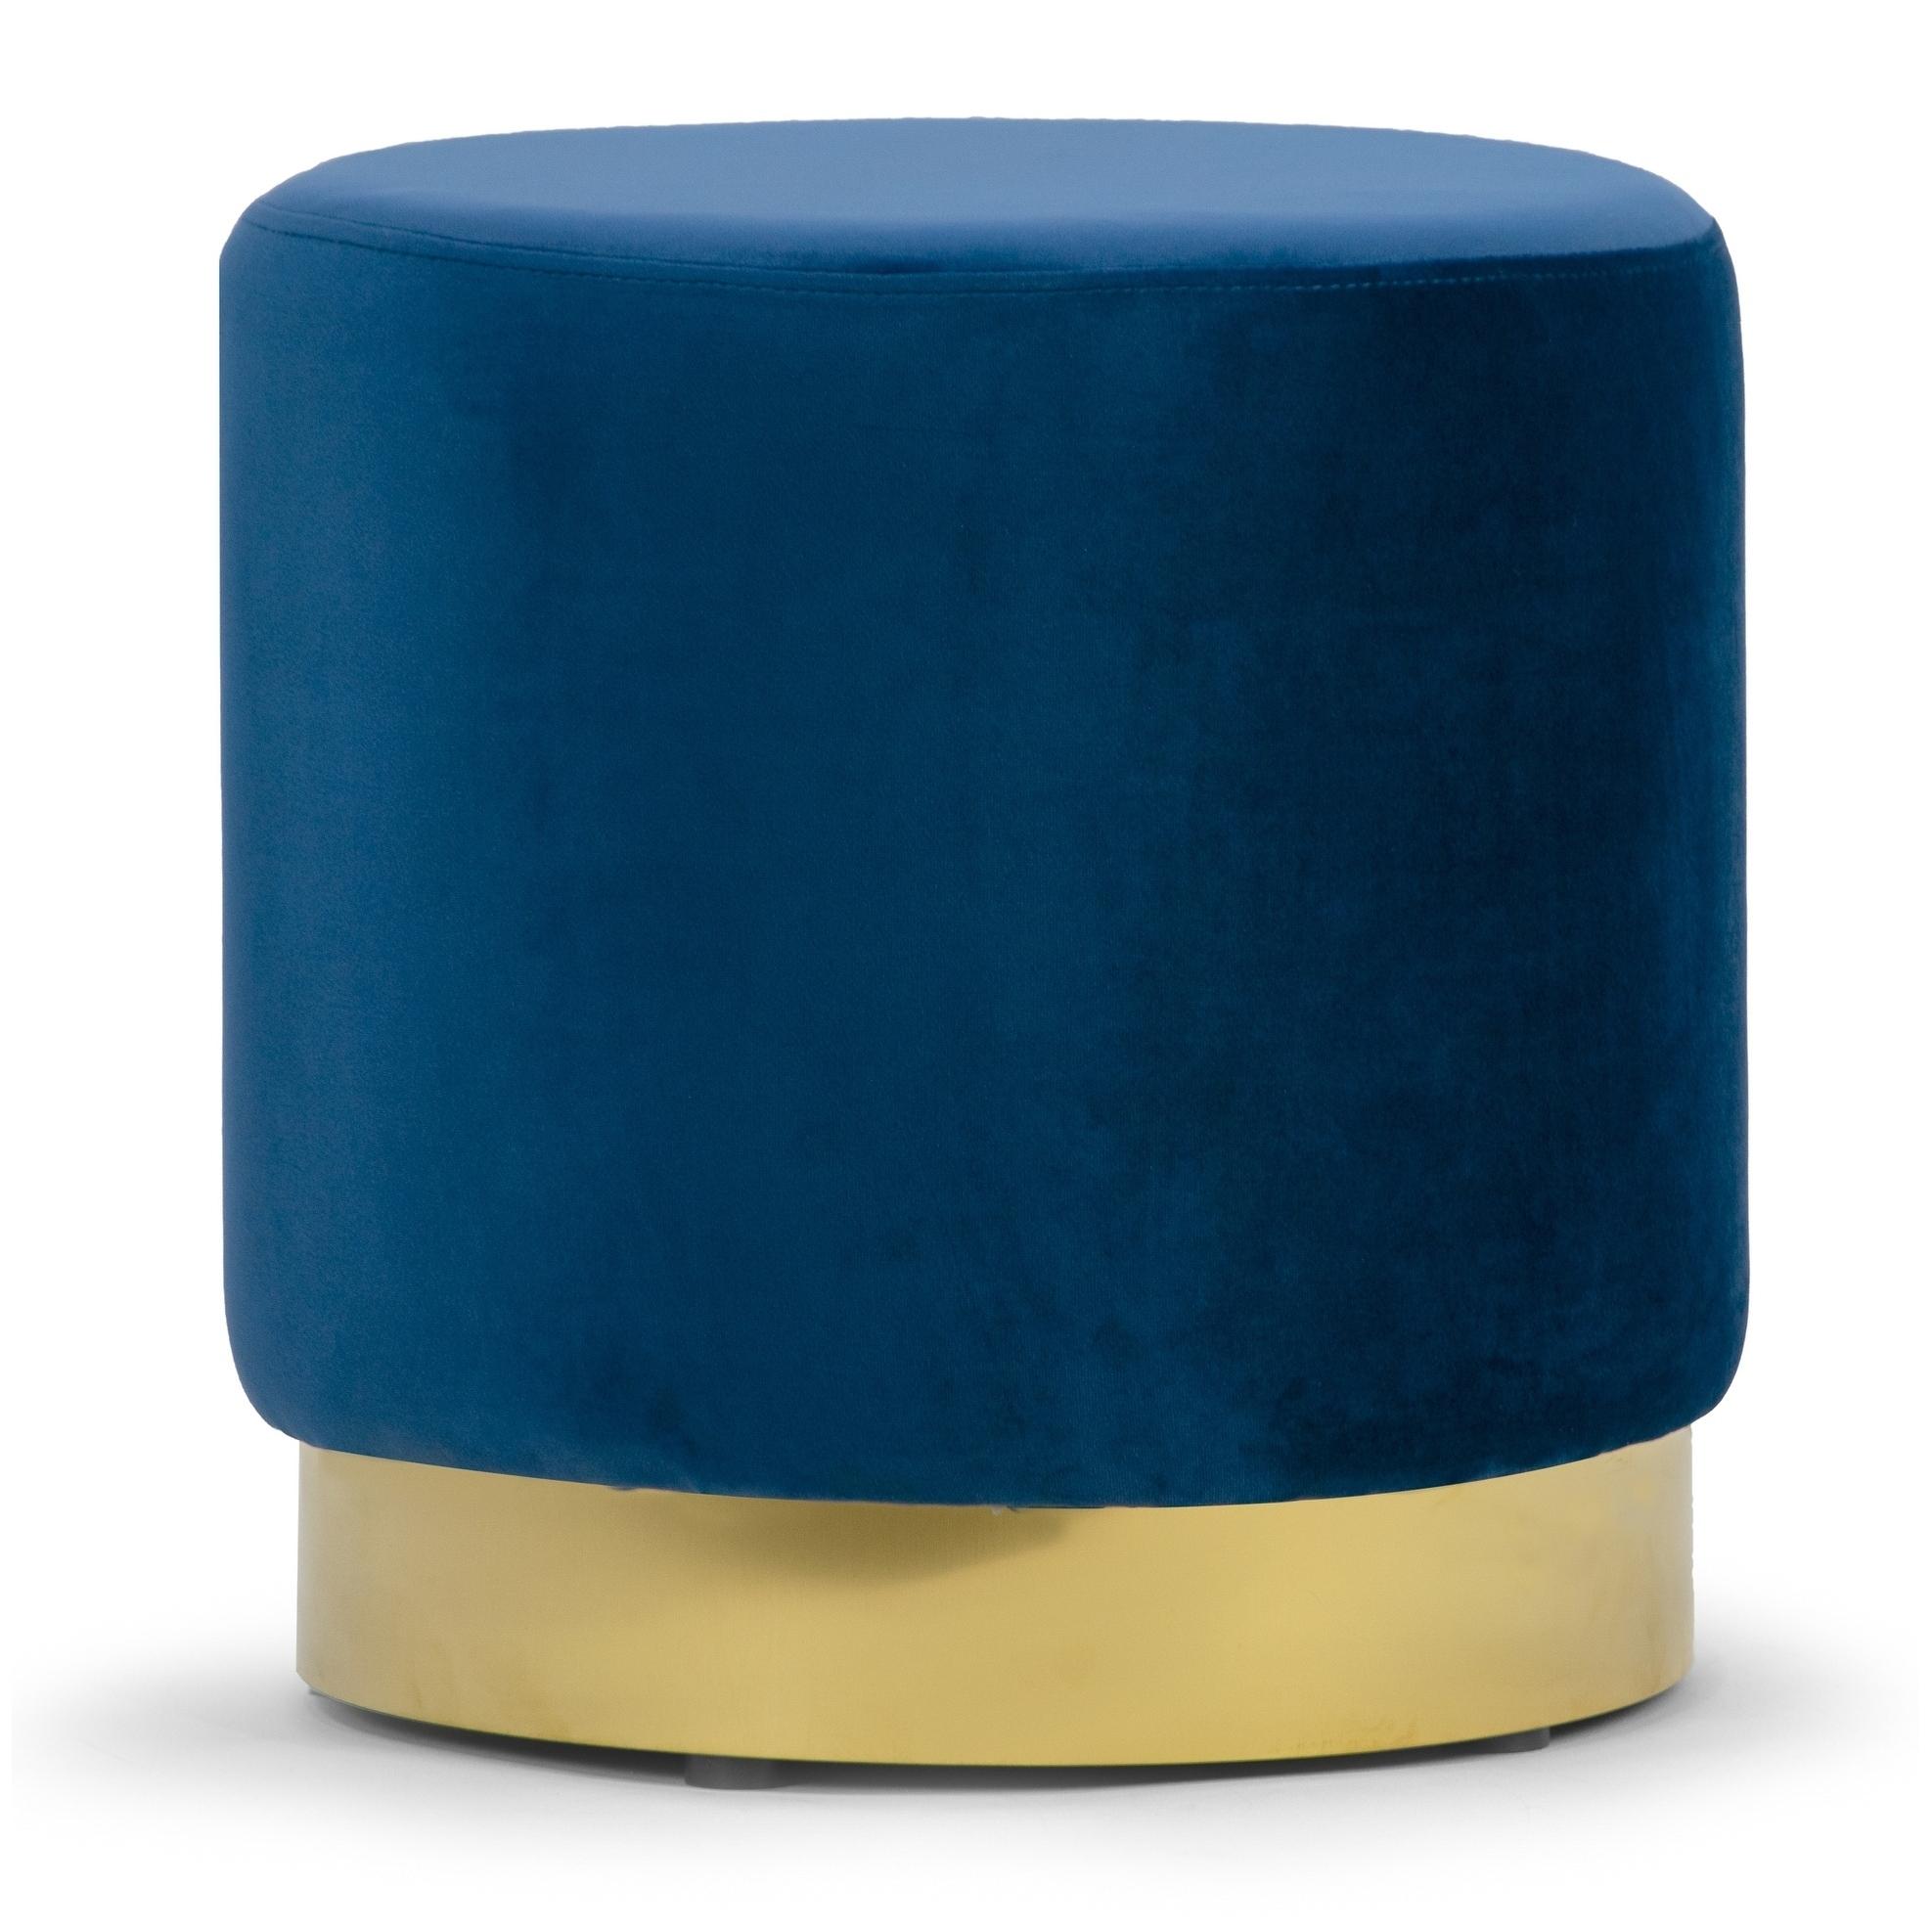 Anna Blue Velvet Round Footstool Ottoman Medium Size